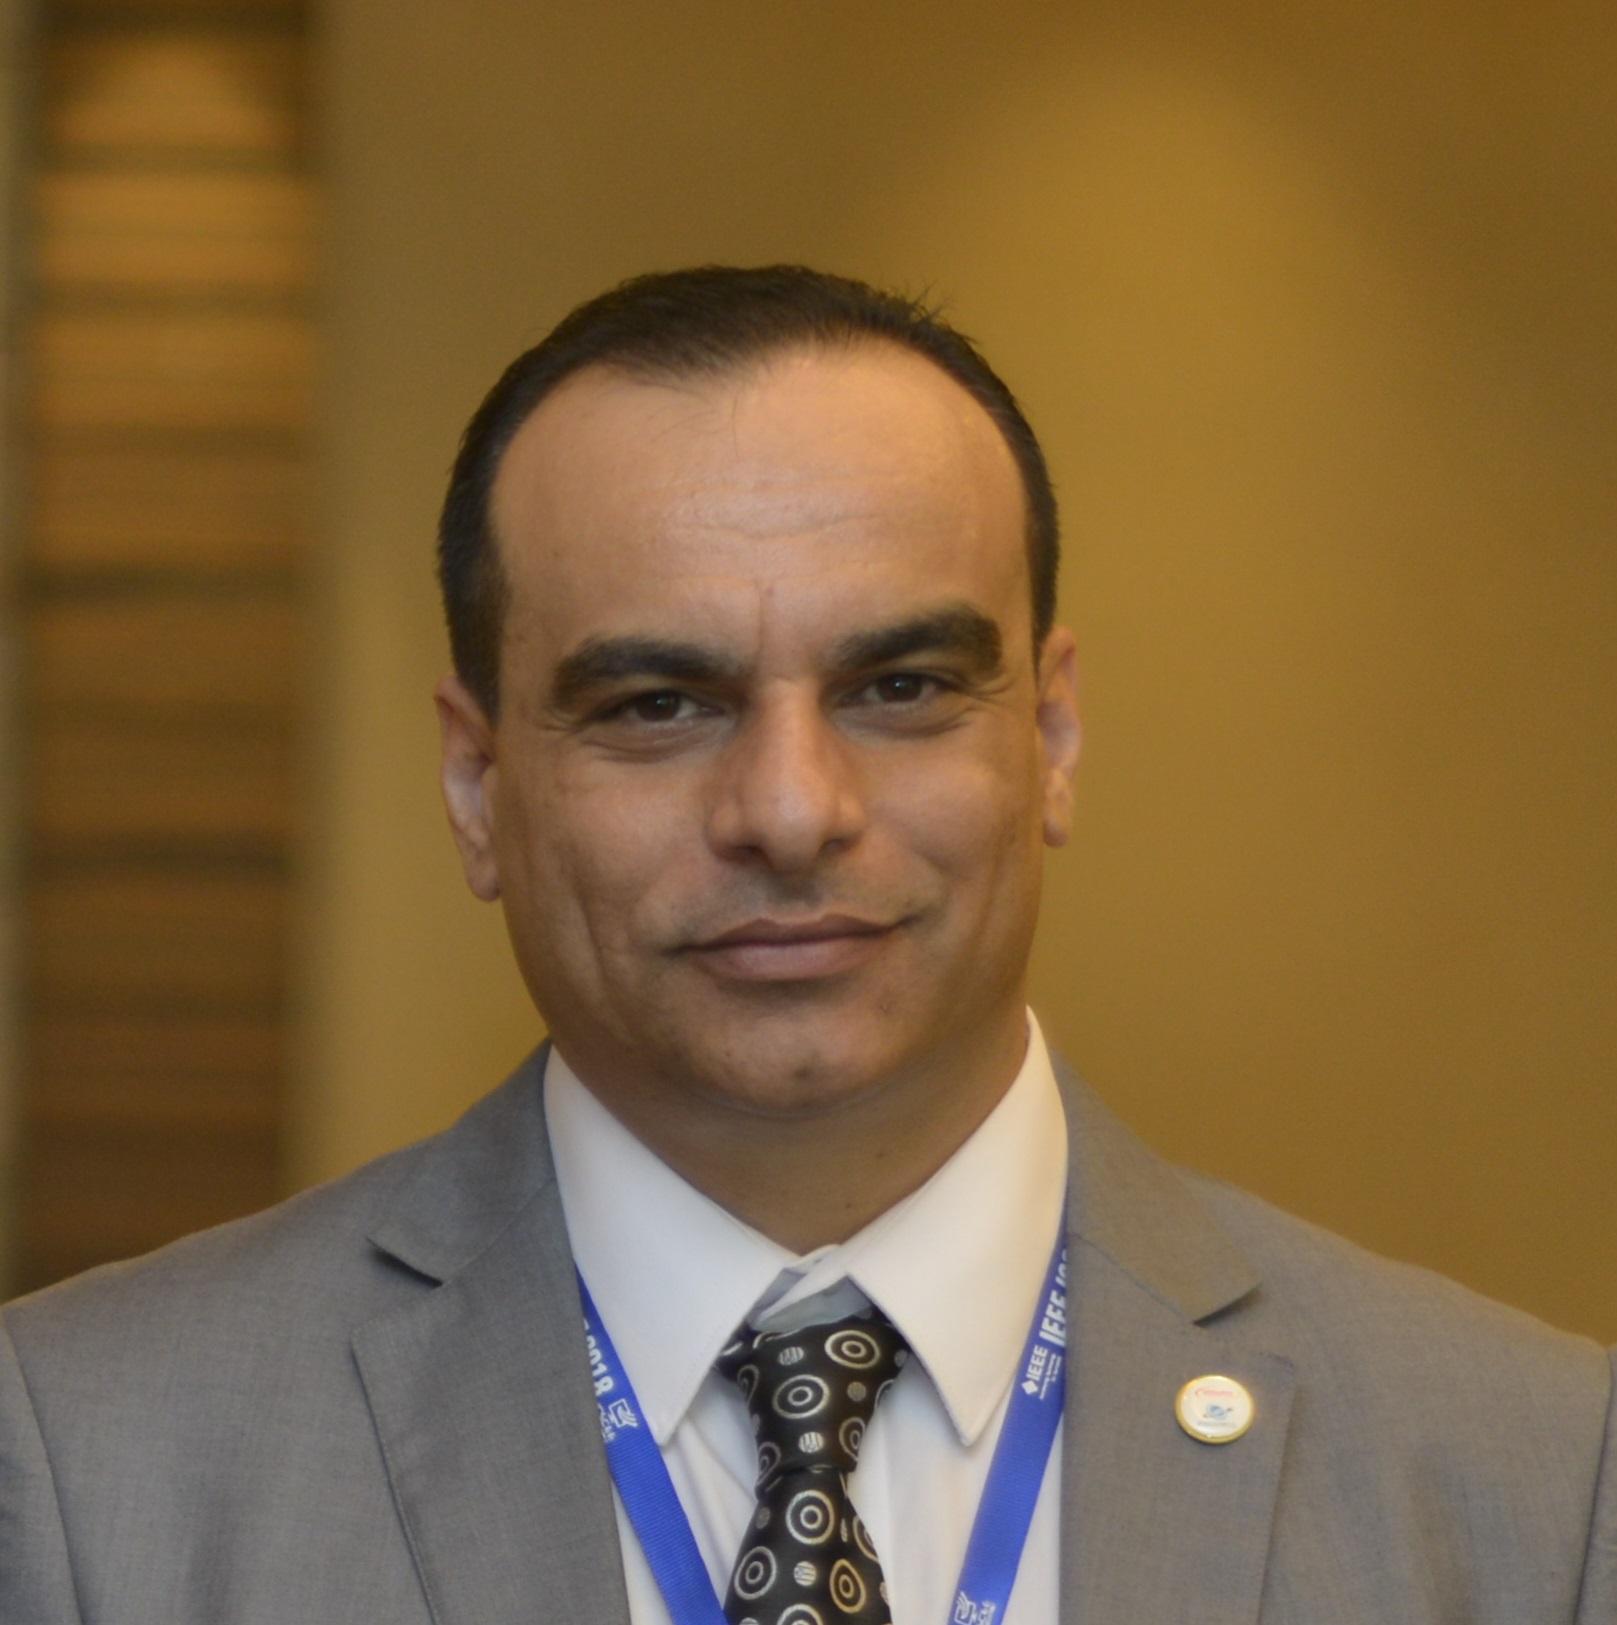 Mahmoud Ahmad Al-Khasawneh